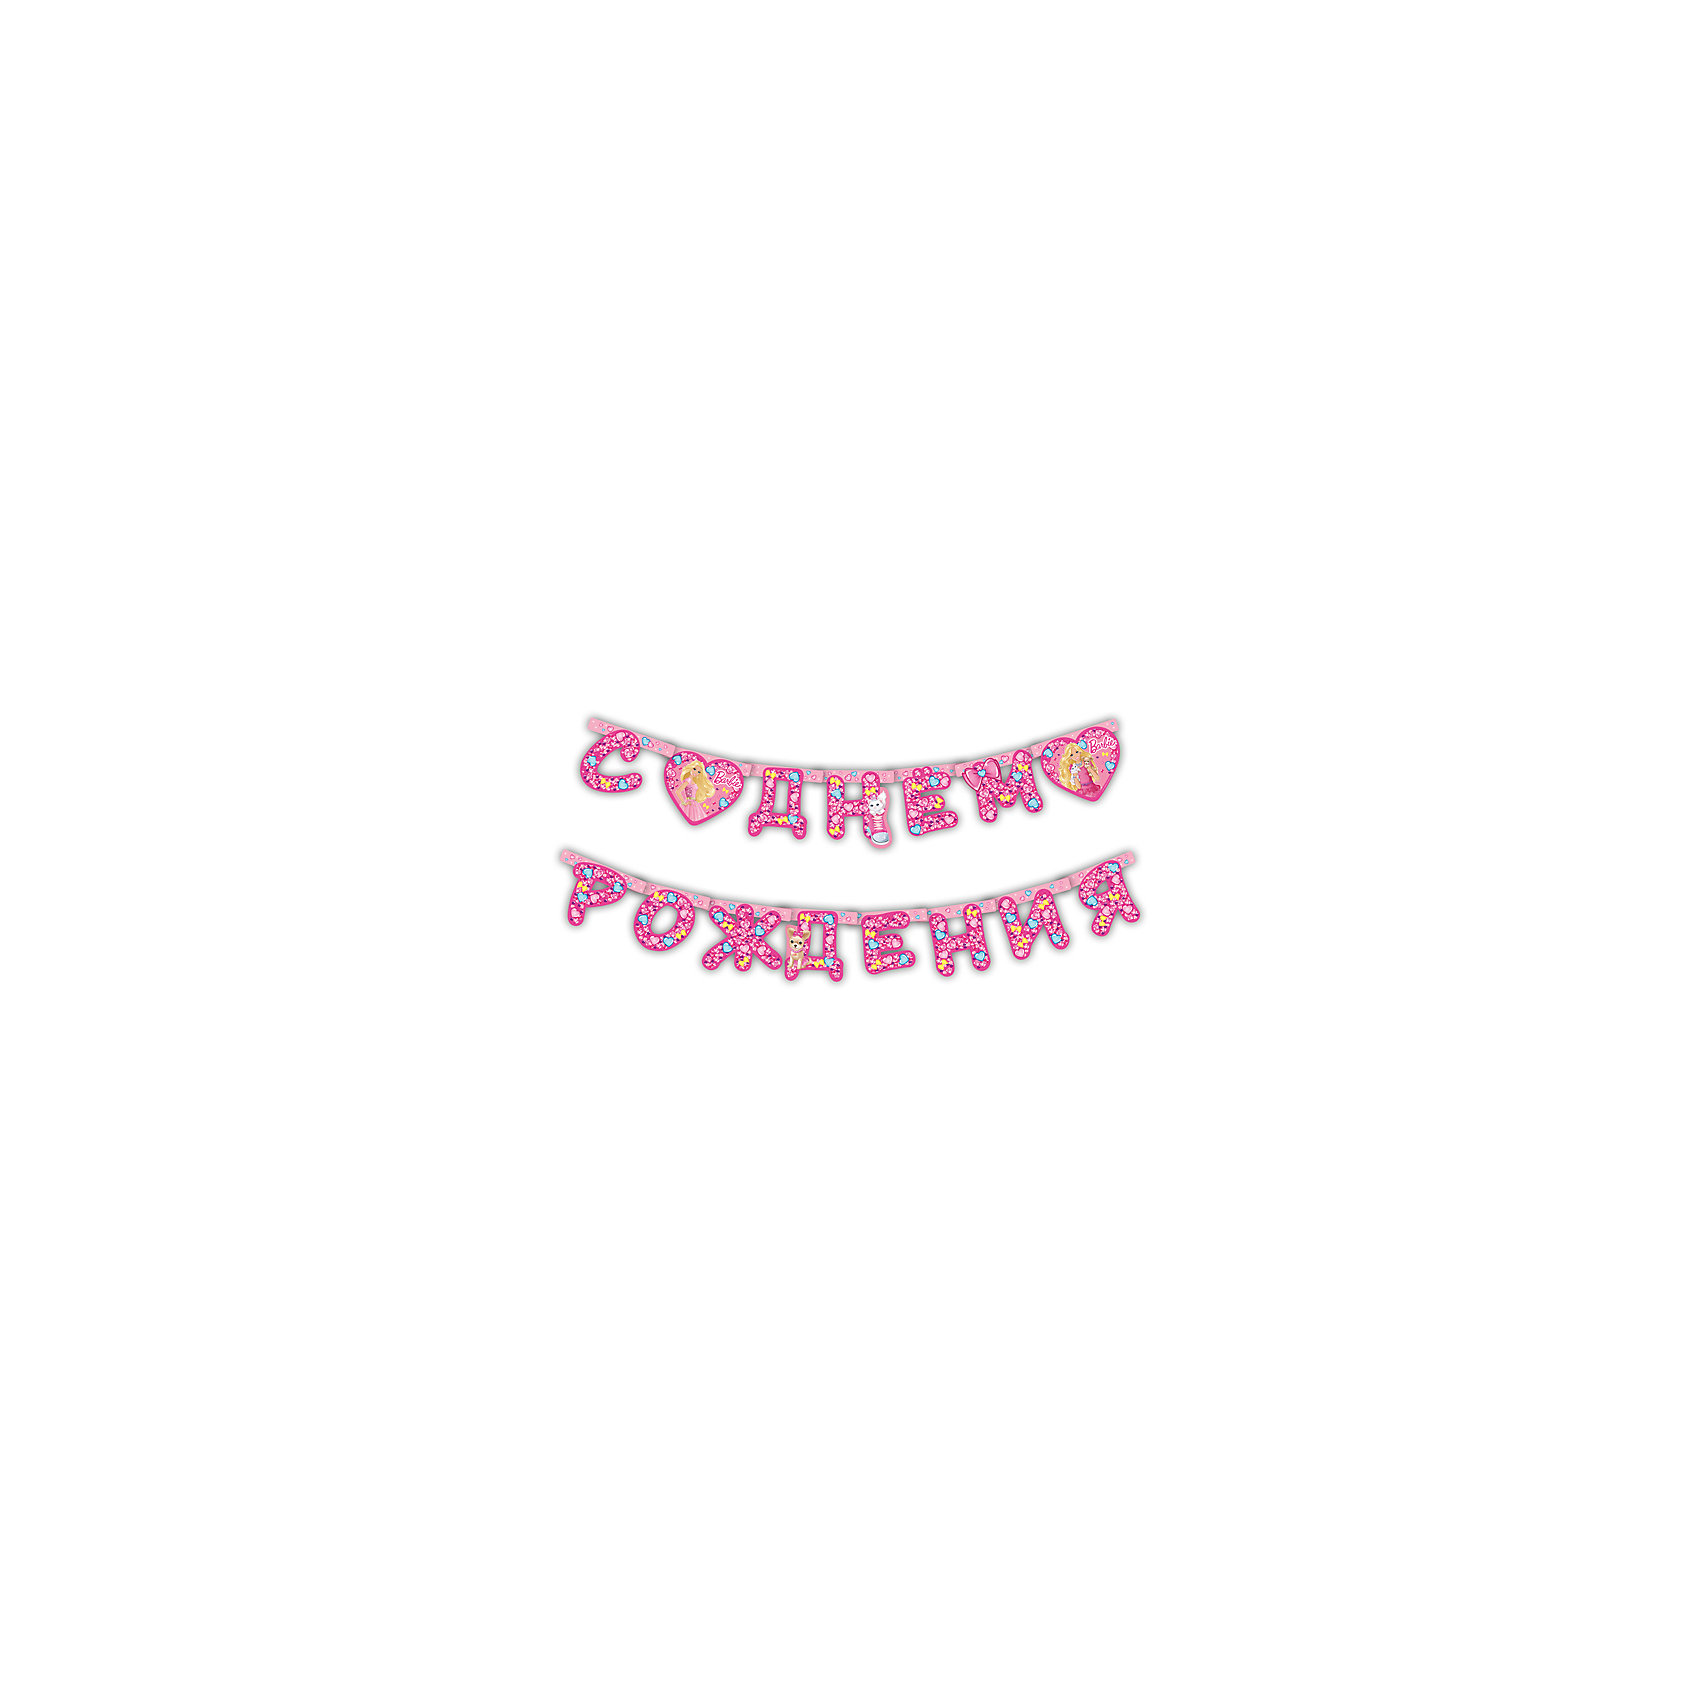 Гирлянда C днем рождения 2,5 м, BarbieНовинки для детской<br>Гирлянда C днем рождения 2,5 м, Barbie – этот яркий аксессуар станет отличным украшением для комнаты, где будет отмечаться торжество.<br>Красивая гирлянда «C Днем Рождения» с очаровательной Барби поможет ярко преобразить помещение к детскому празднику, создать торжественную атмосферу и поднять настроение имениннице и всем гостям.<br><br>Дополнительная информация:<br><br>- Длина: 2,5 м.<br>- Высота флажков: 15 см.<br>- Материал: бумага<br>- Способ крепления: люверс<br><br>Гирлянду C днем рождения 2,5 м, Barbie можно купить в нашем интернет-магазине.<br><br>Ширина мм: 290<br>Глубина мм: 240<br>Высота мм: 10<br>Вес г: 80<br>Возраст от месяцев: 36<br>Возраст до месяцев: 84<br>Пол: Женский<br>Возраст: Детский<br>SKU: 4278325